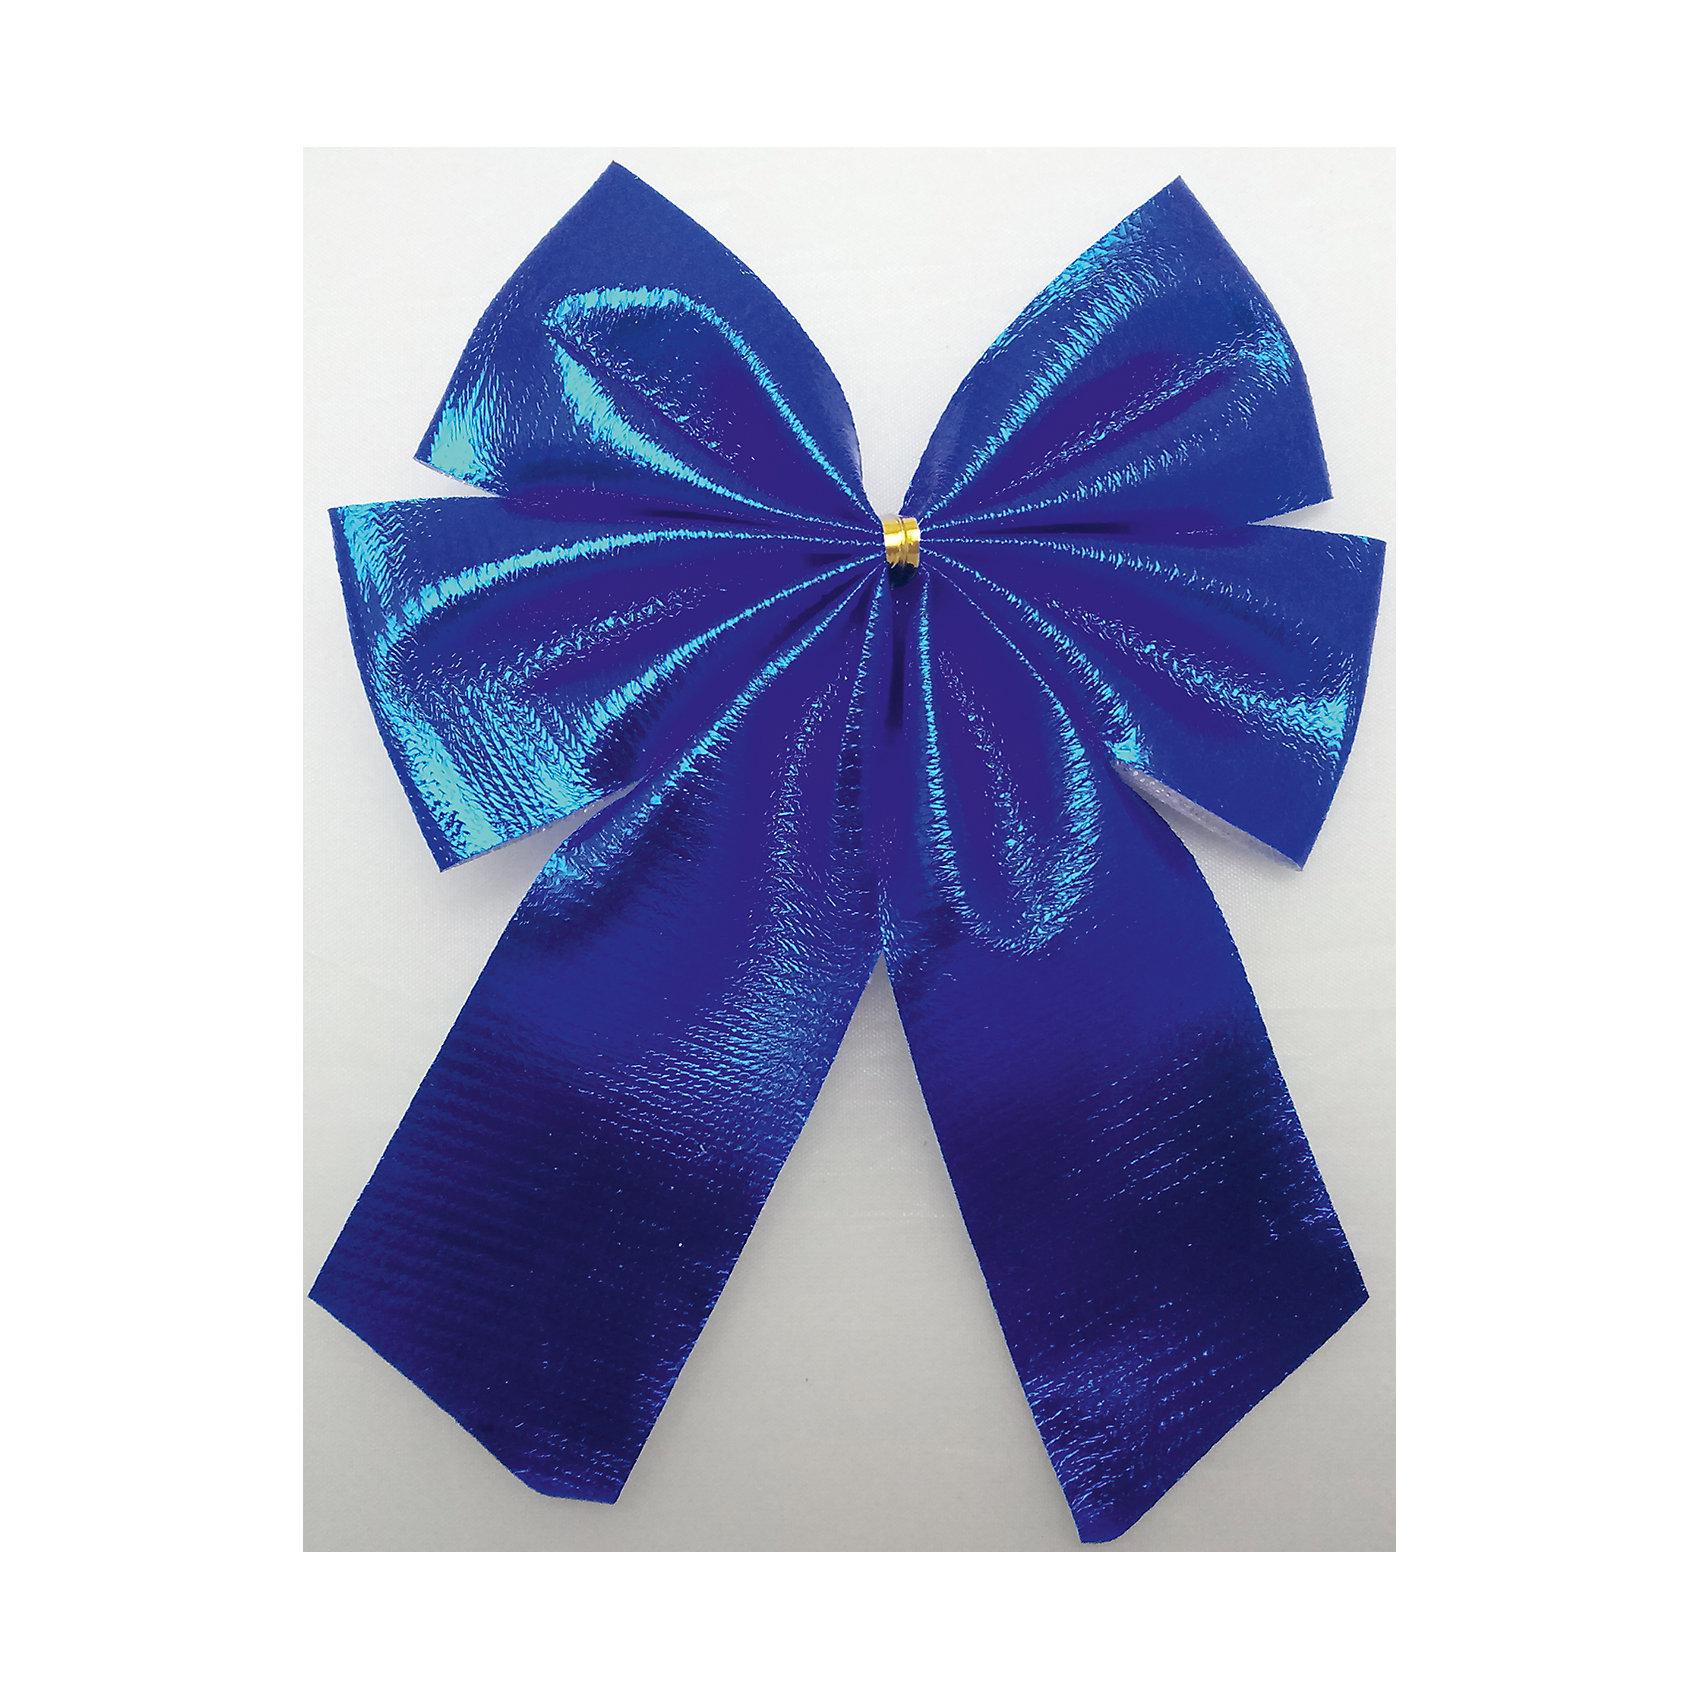 Набор синих метализированных бантов, 3 шт * 11 смБанты металлизированные синий 3 банта 11см арт.16050  Бант выполнен из нейлона и предназначен для оформления подарочных коробок, пакетов. Кроме того, декоративный бант прекрасно для оформления праздничной елки и интерьера.<br><br>Ширина мм: 290<br>Глубина мм: 170<br>Высота мм: 10<br>Вес г: 100<br>Возраст от месяцев: 72<br>Возраст до месяцев: 480<br>Пол: Унисекс<br>Возраст: Детский<br>SKU: 5051624